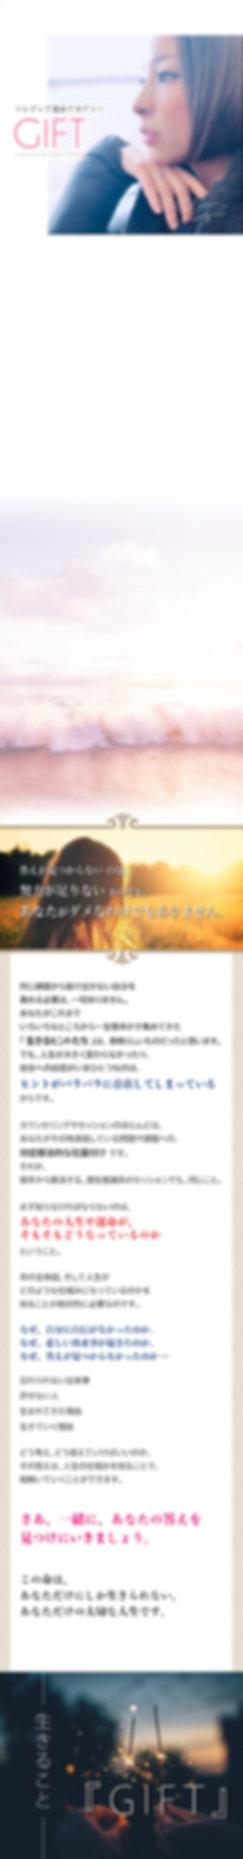 GIFT_LP01.jpg